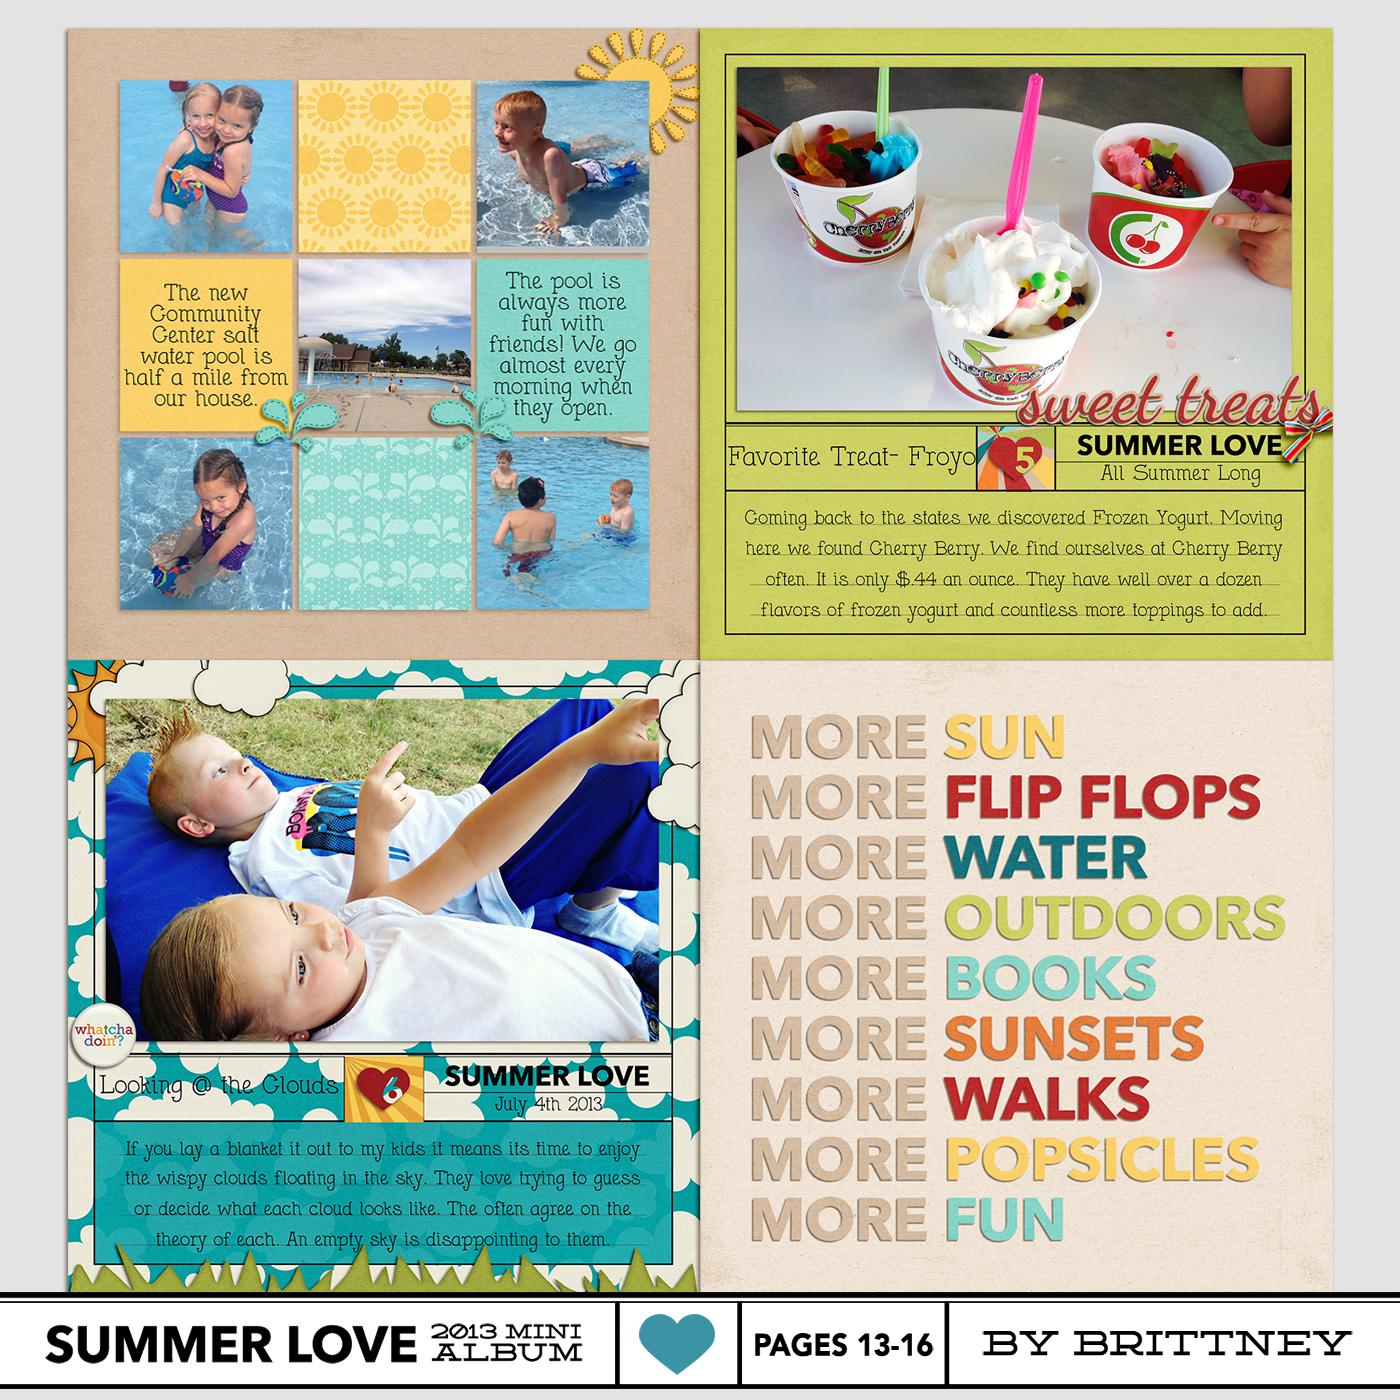 brittney_nettiodesigns_SummerLove-pg13-16